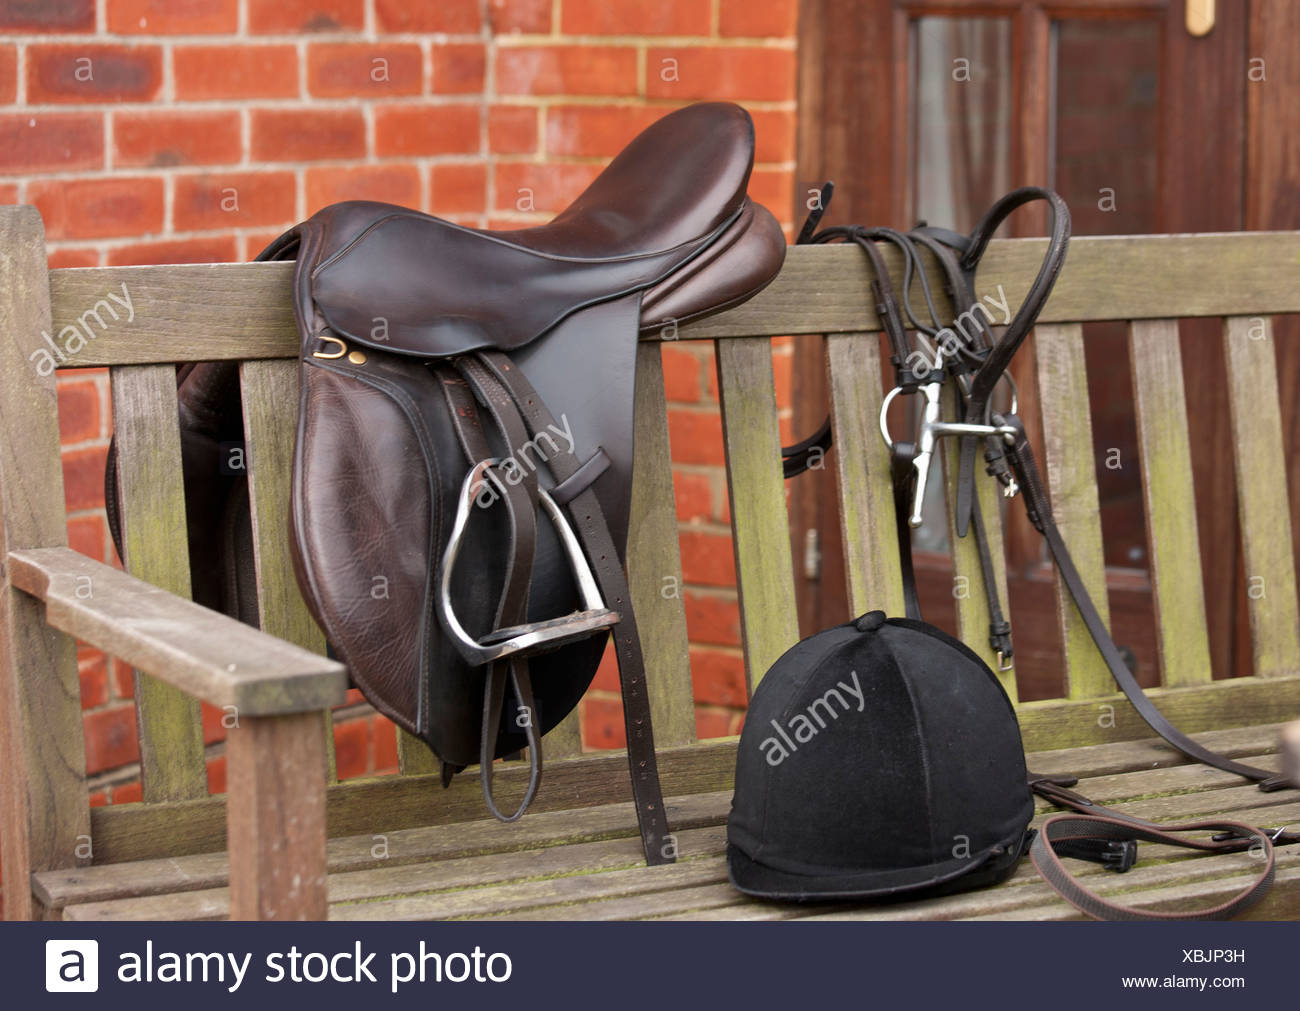 Pferdesattel, Zügel und Helm auf Bank Stockbild